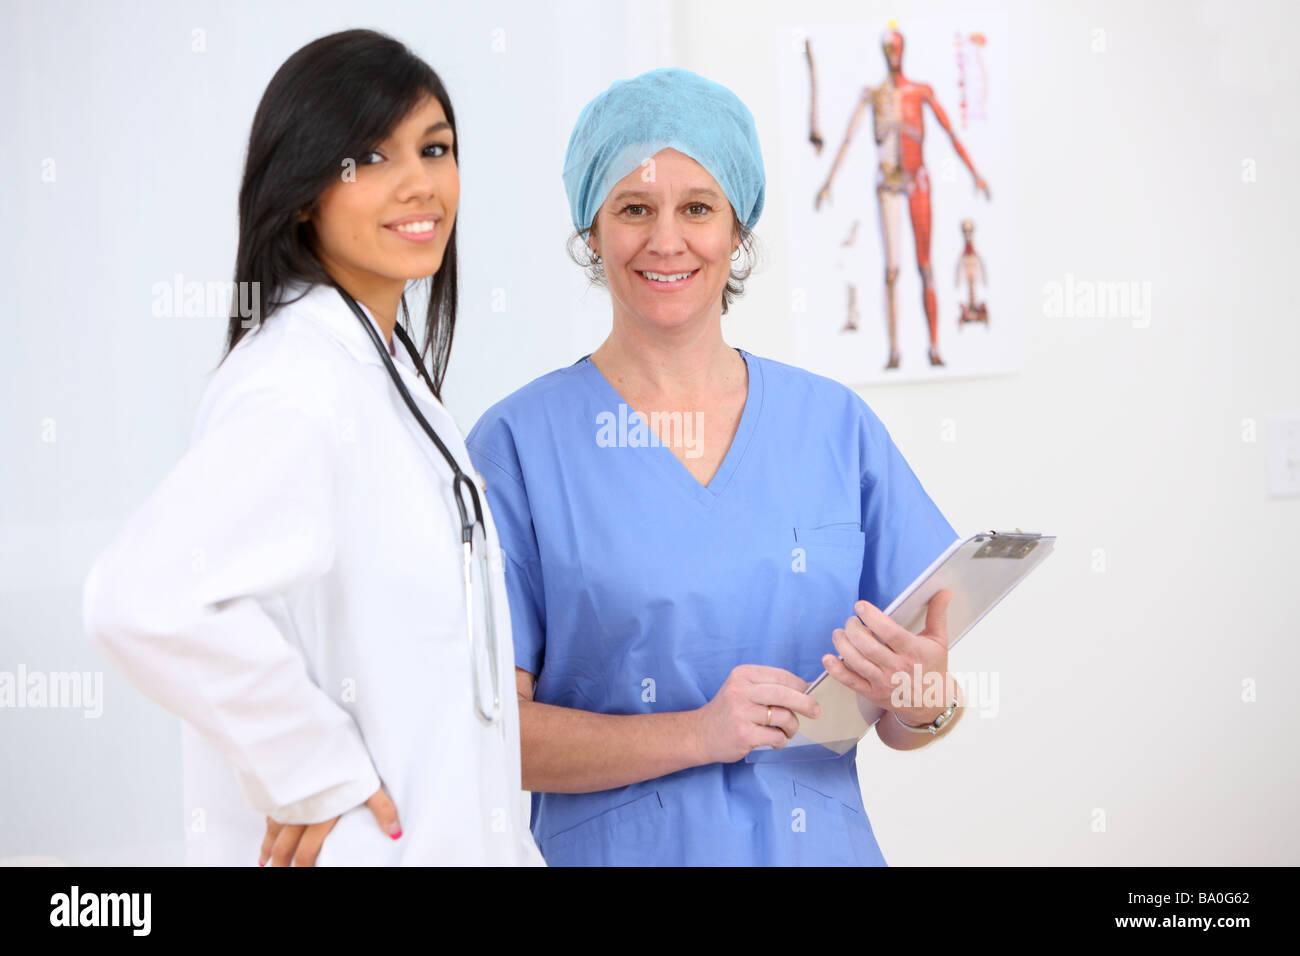 Portrait personnel médical Photo Stock